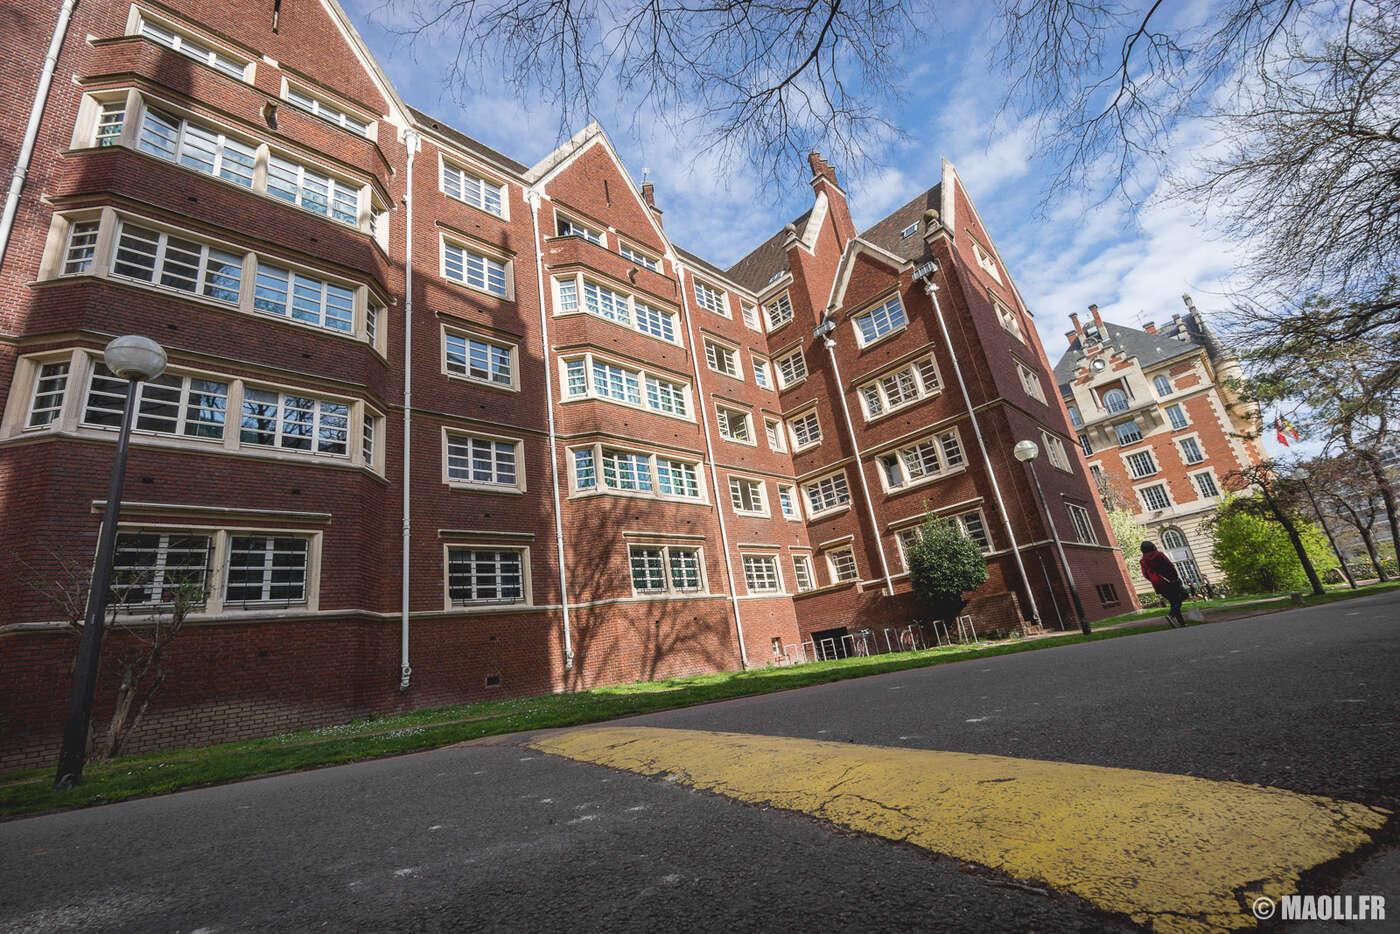 Collège franco-britanique